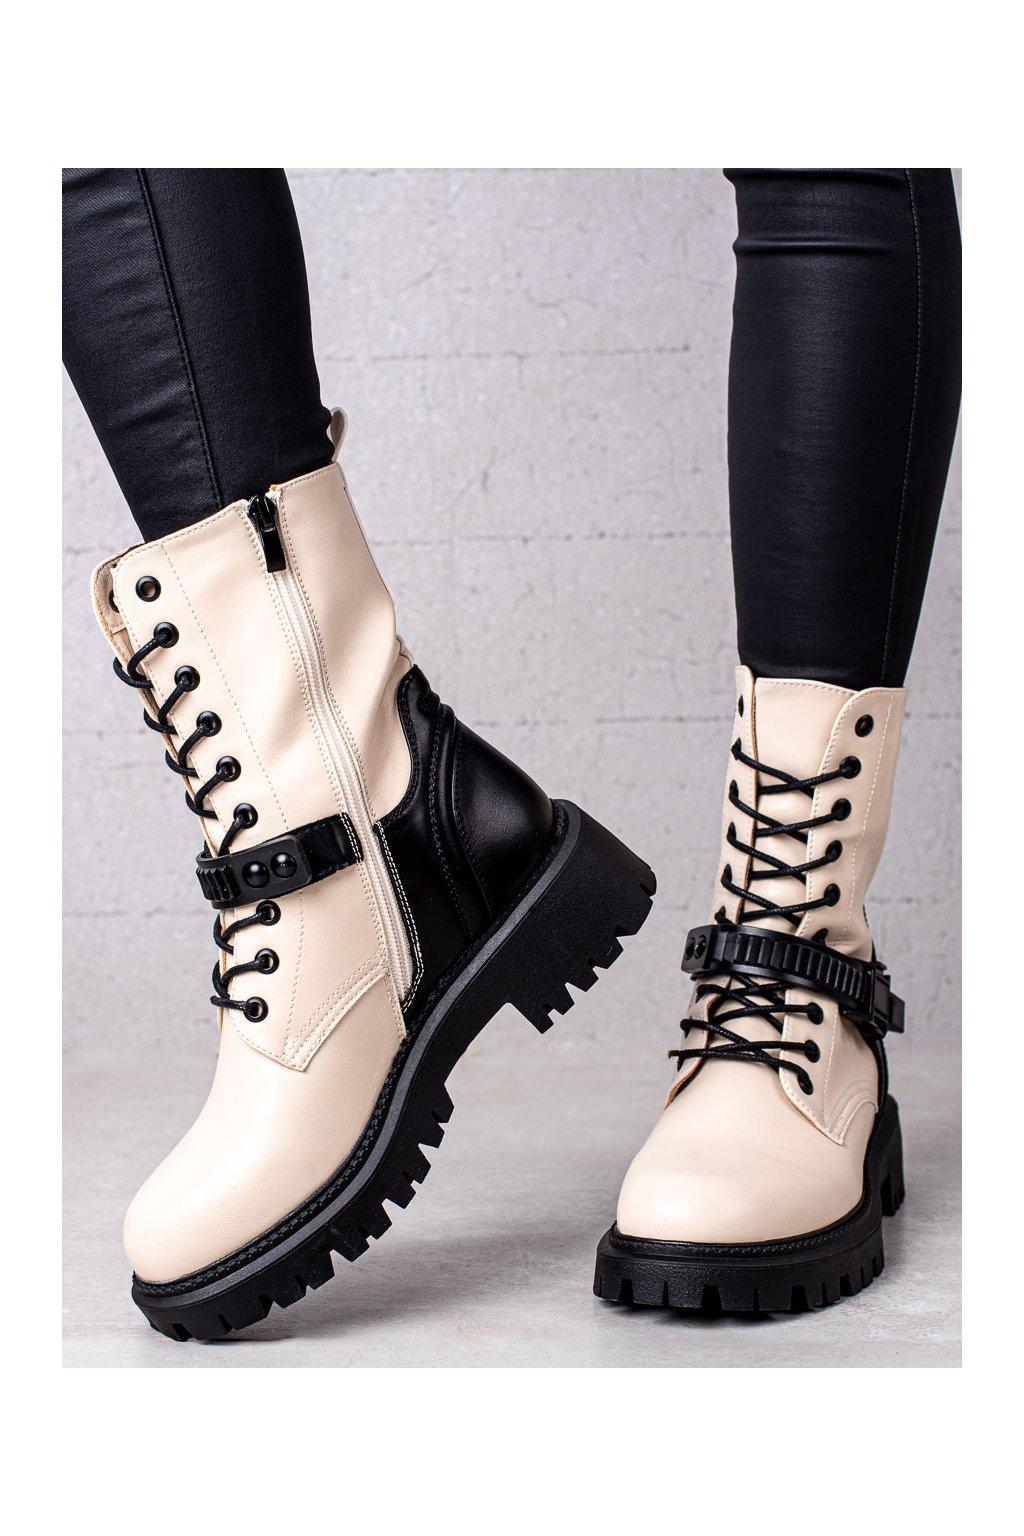 Hnedé dámske topánky Seastar kod JJ05BE/B